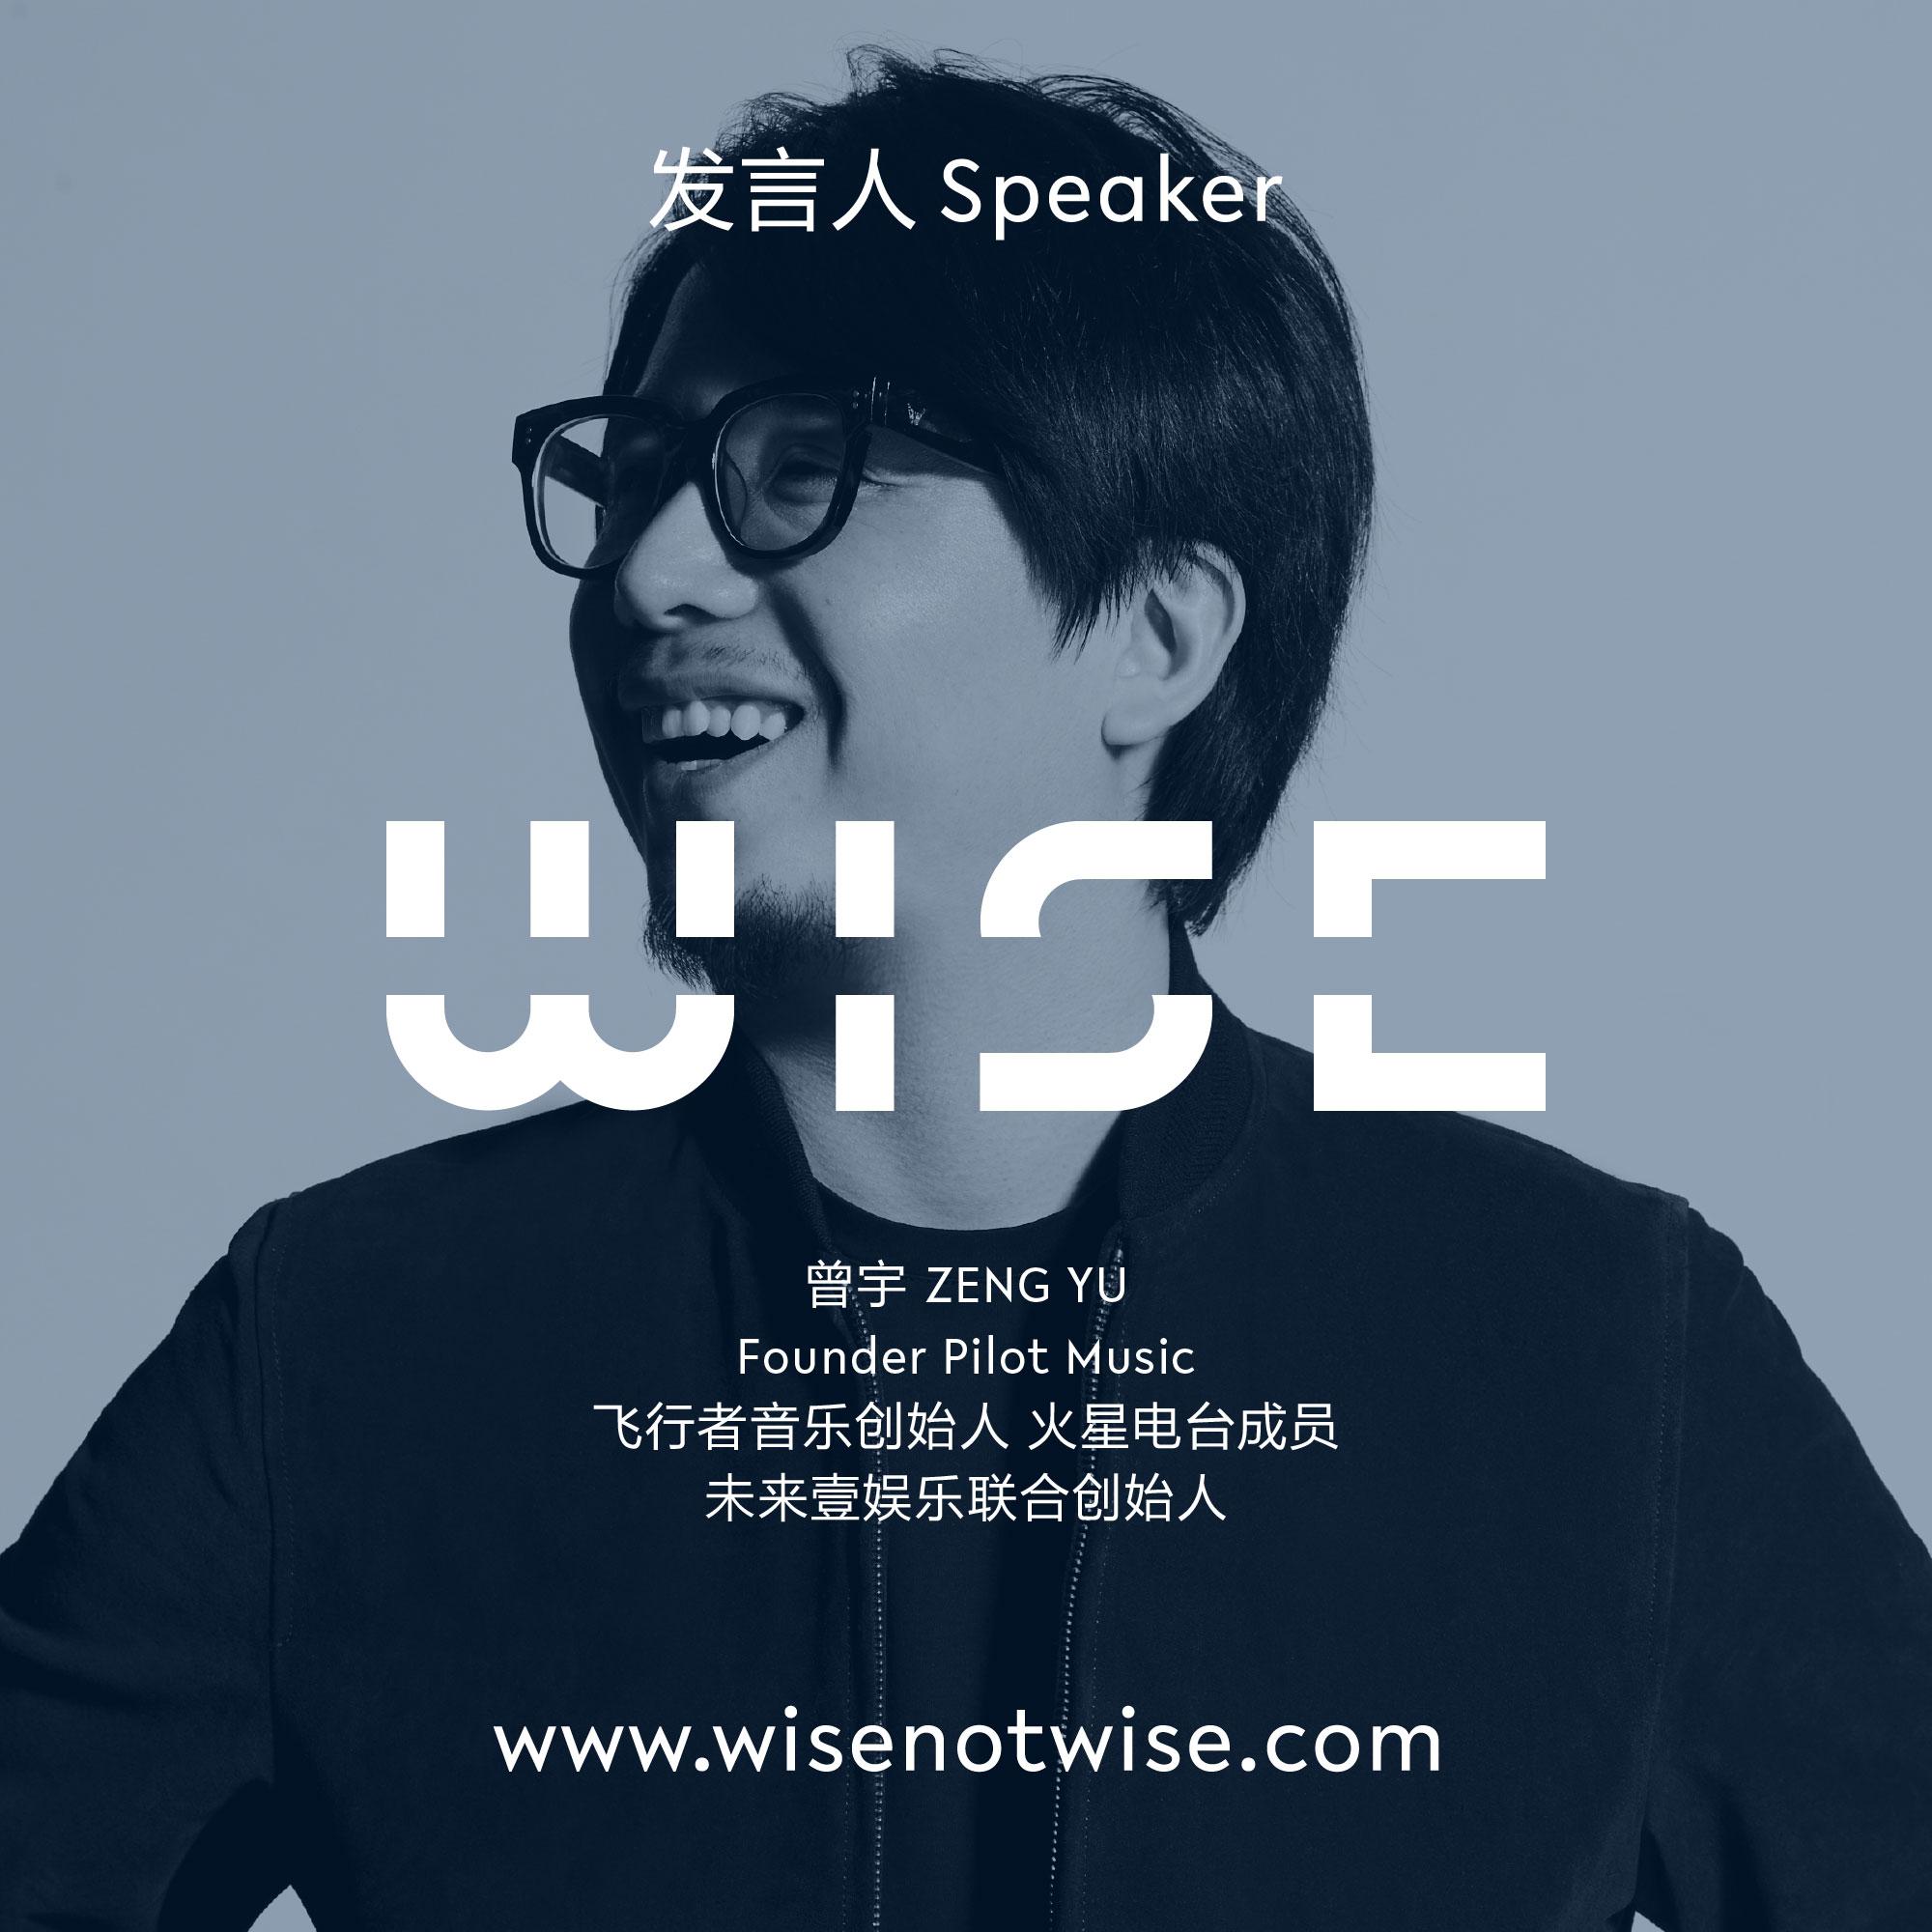 Zeng Yu (Founder of Pilot Music)